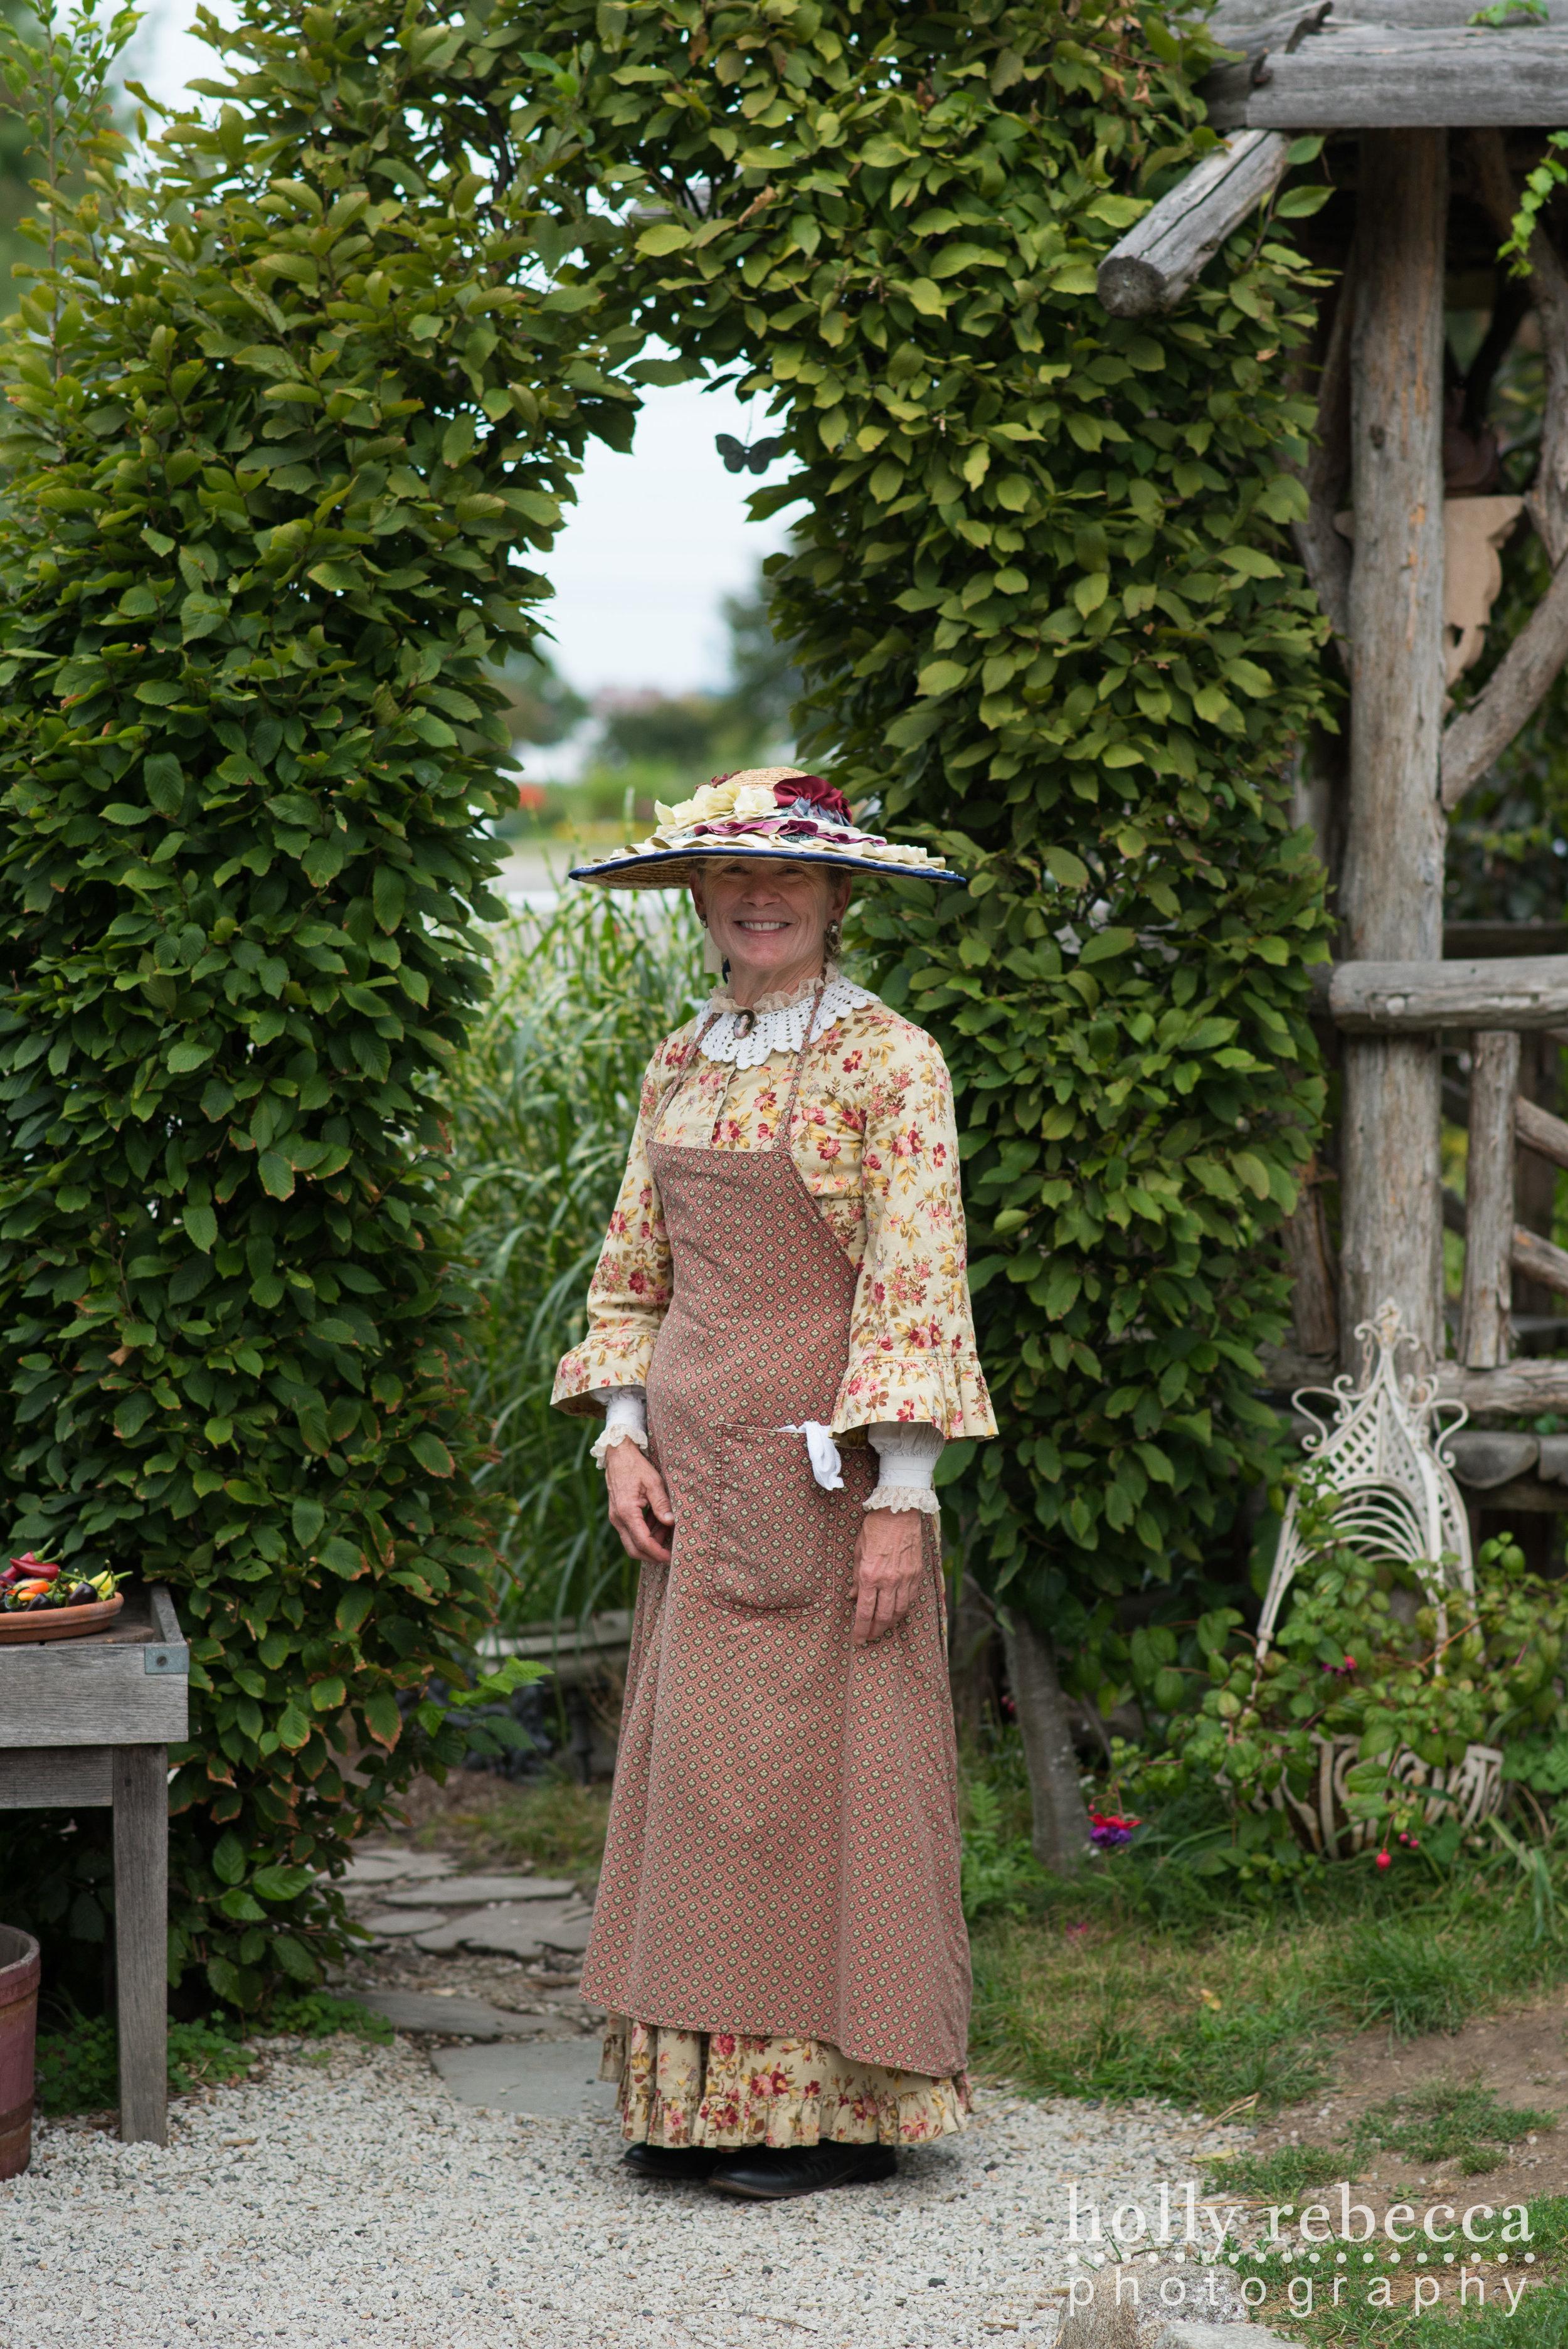 Mrs. Goodwin - Goodwin Mansion 1870